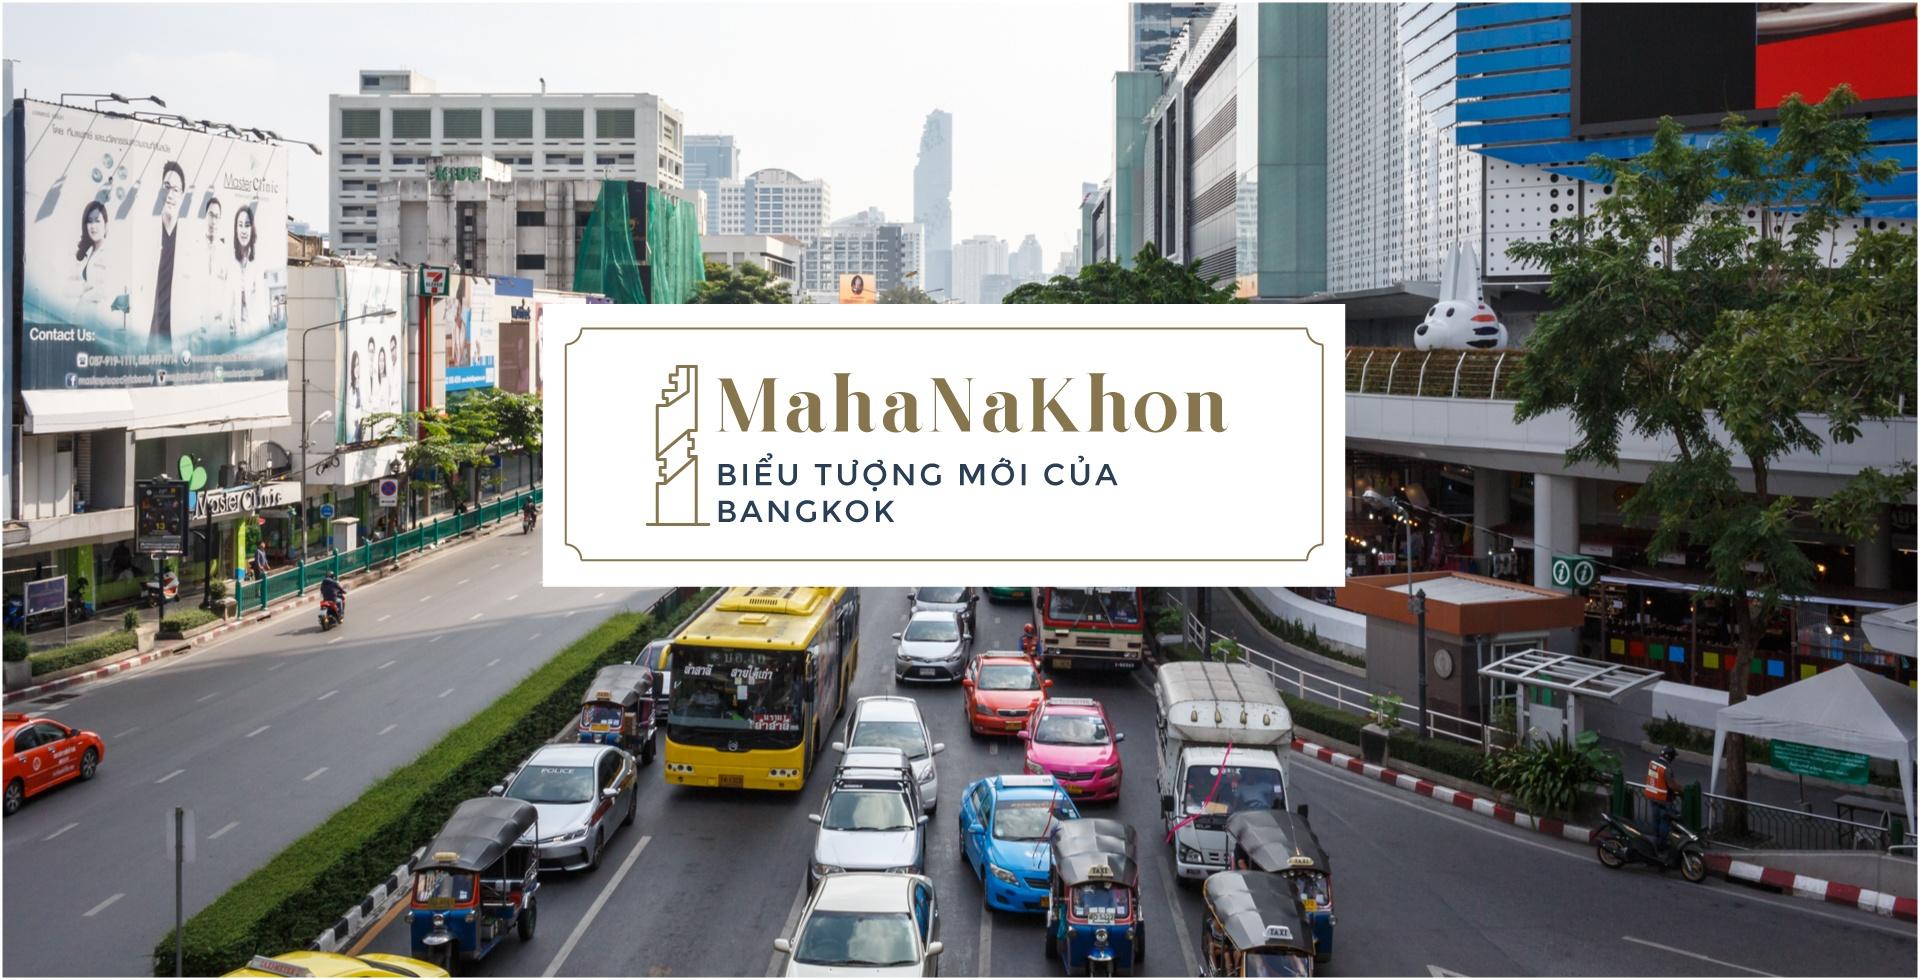 Kham pha bieu tuong kien truc moi cua Thai Lan, Singapore hinh anh 6